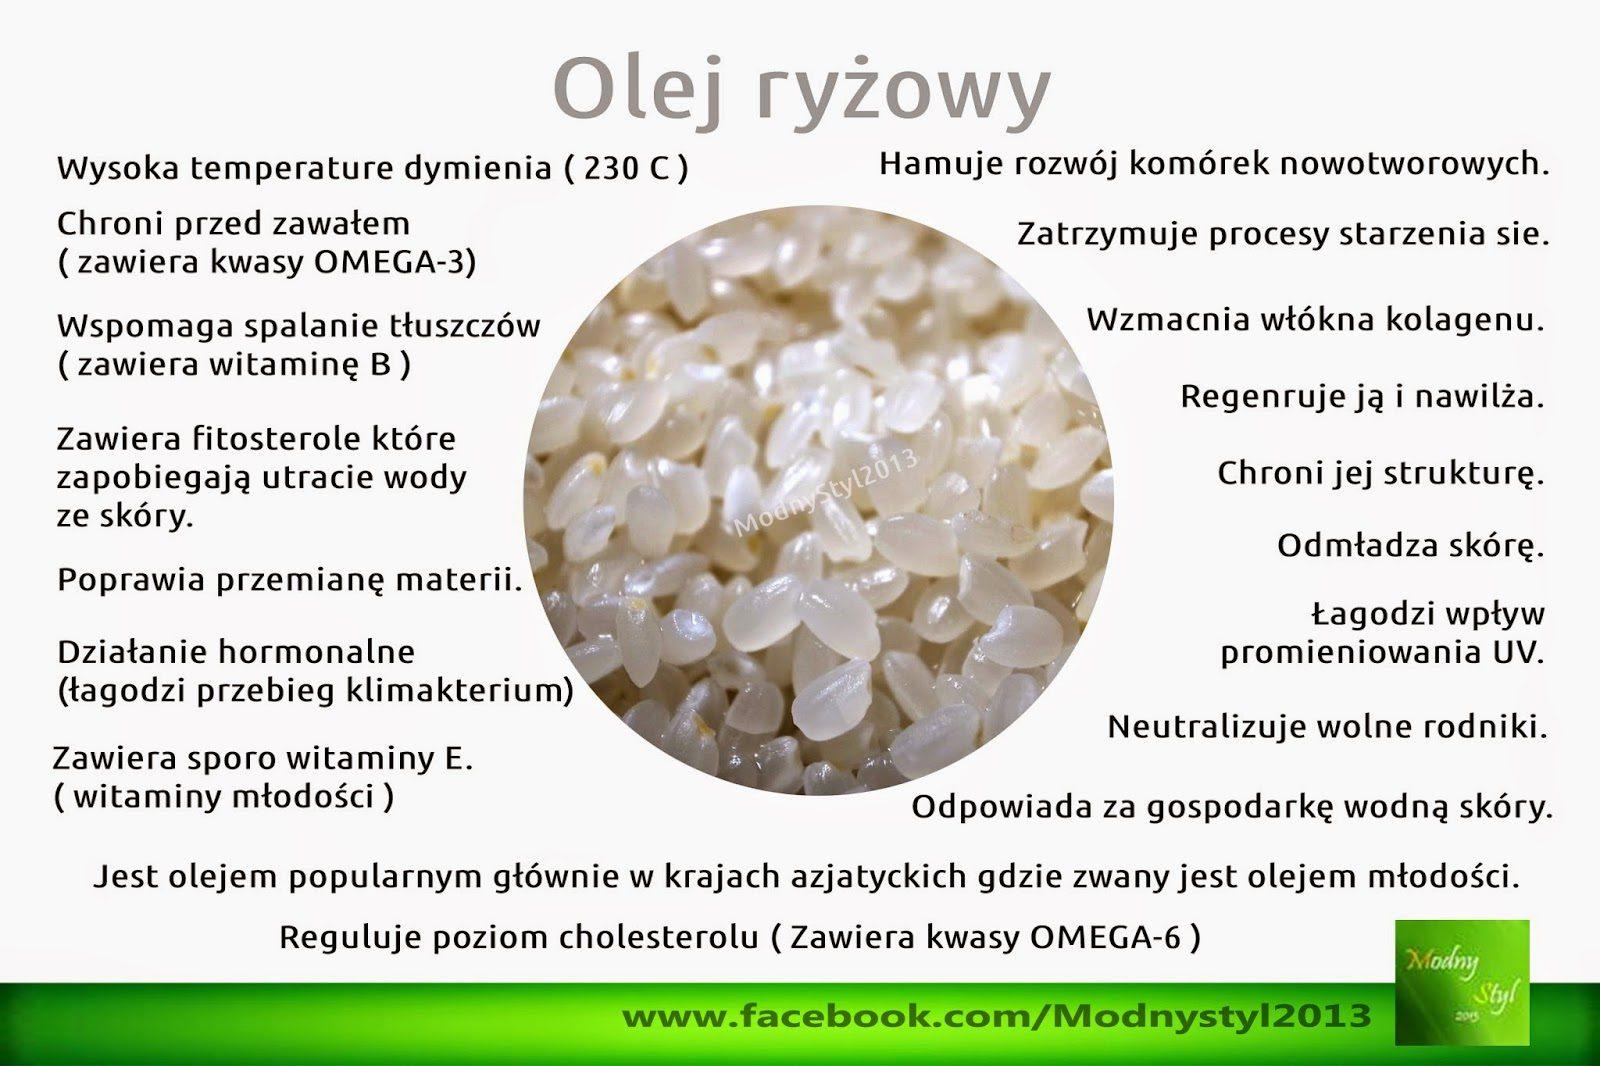 olej2bryc5bcowy-5075937